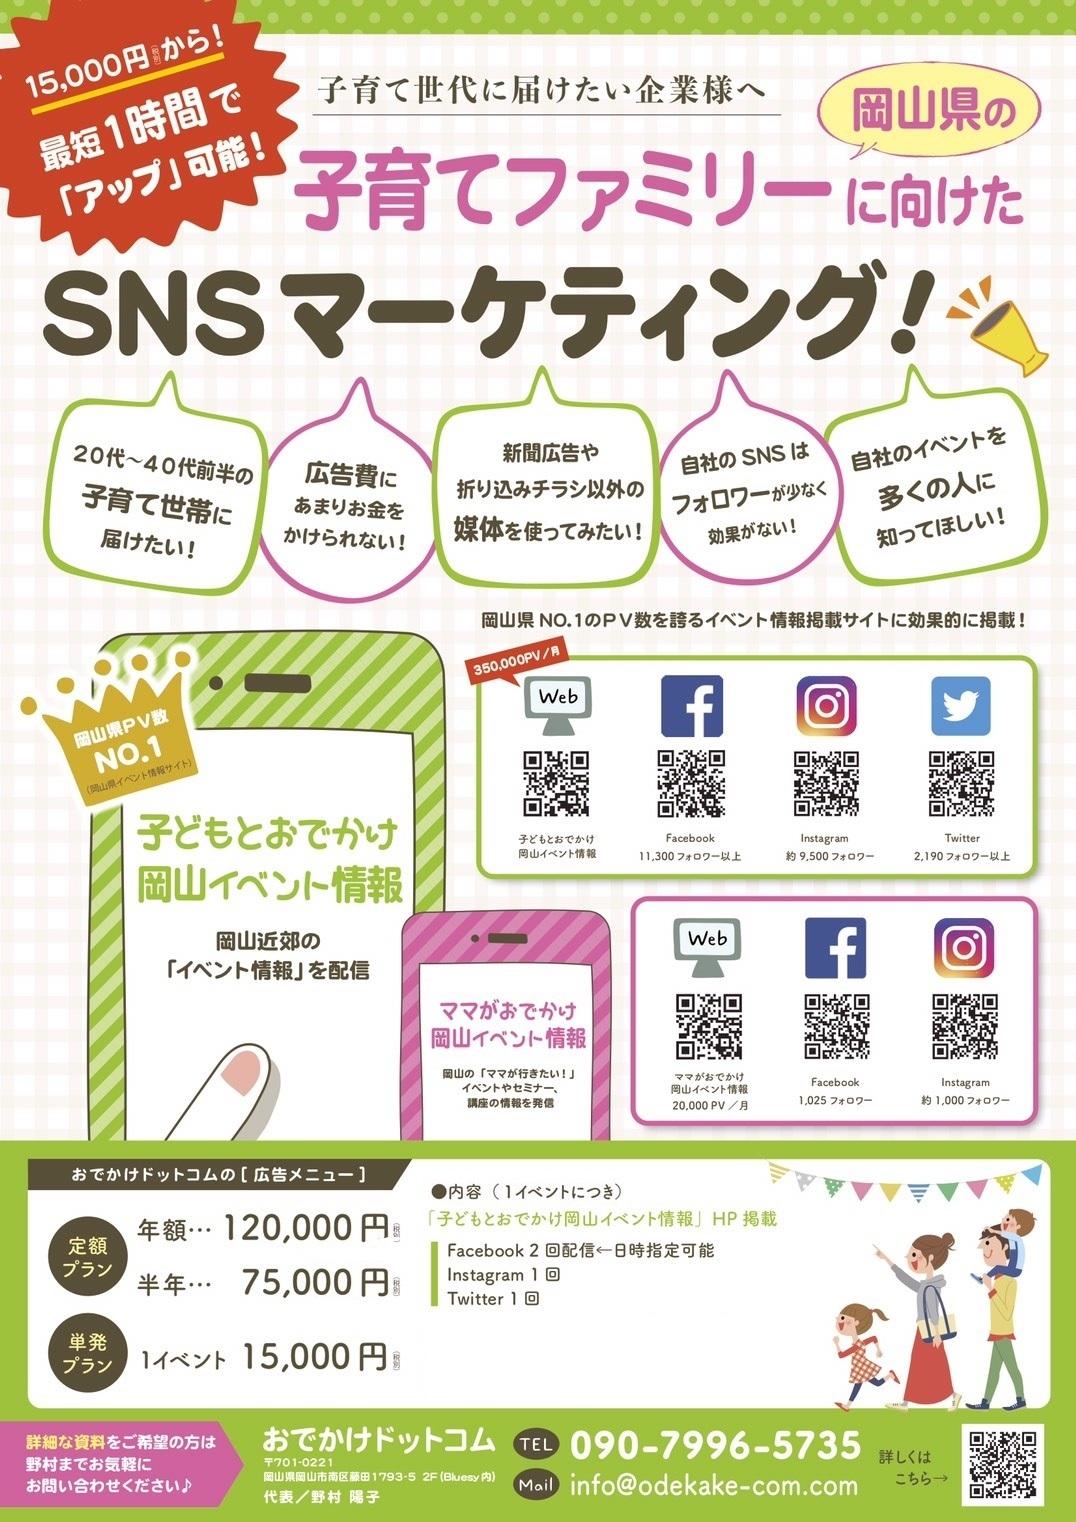 岡山県の子育てファミリーにむけたSNSマーケティング「おでかけドットコム」